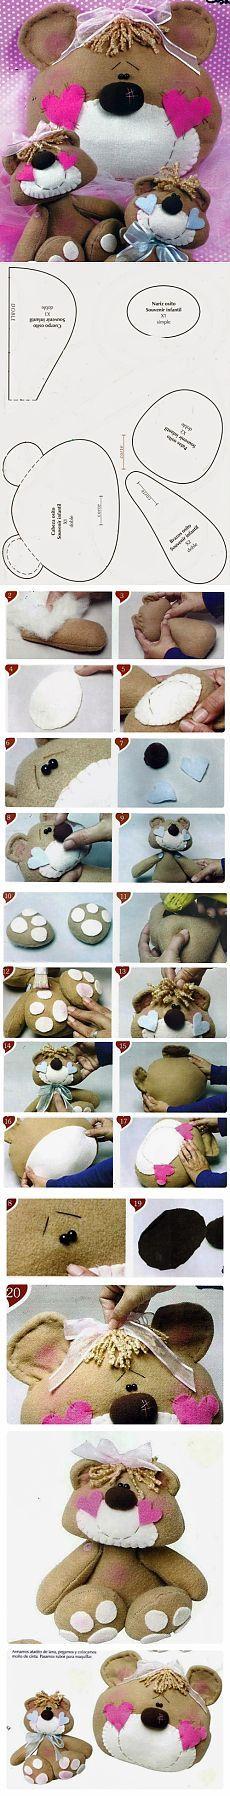 Cosemos el juguete y la almohada como un oso / / La costura